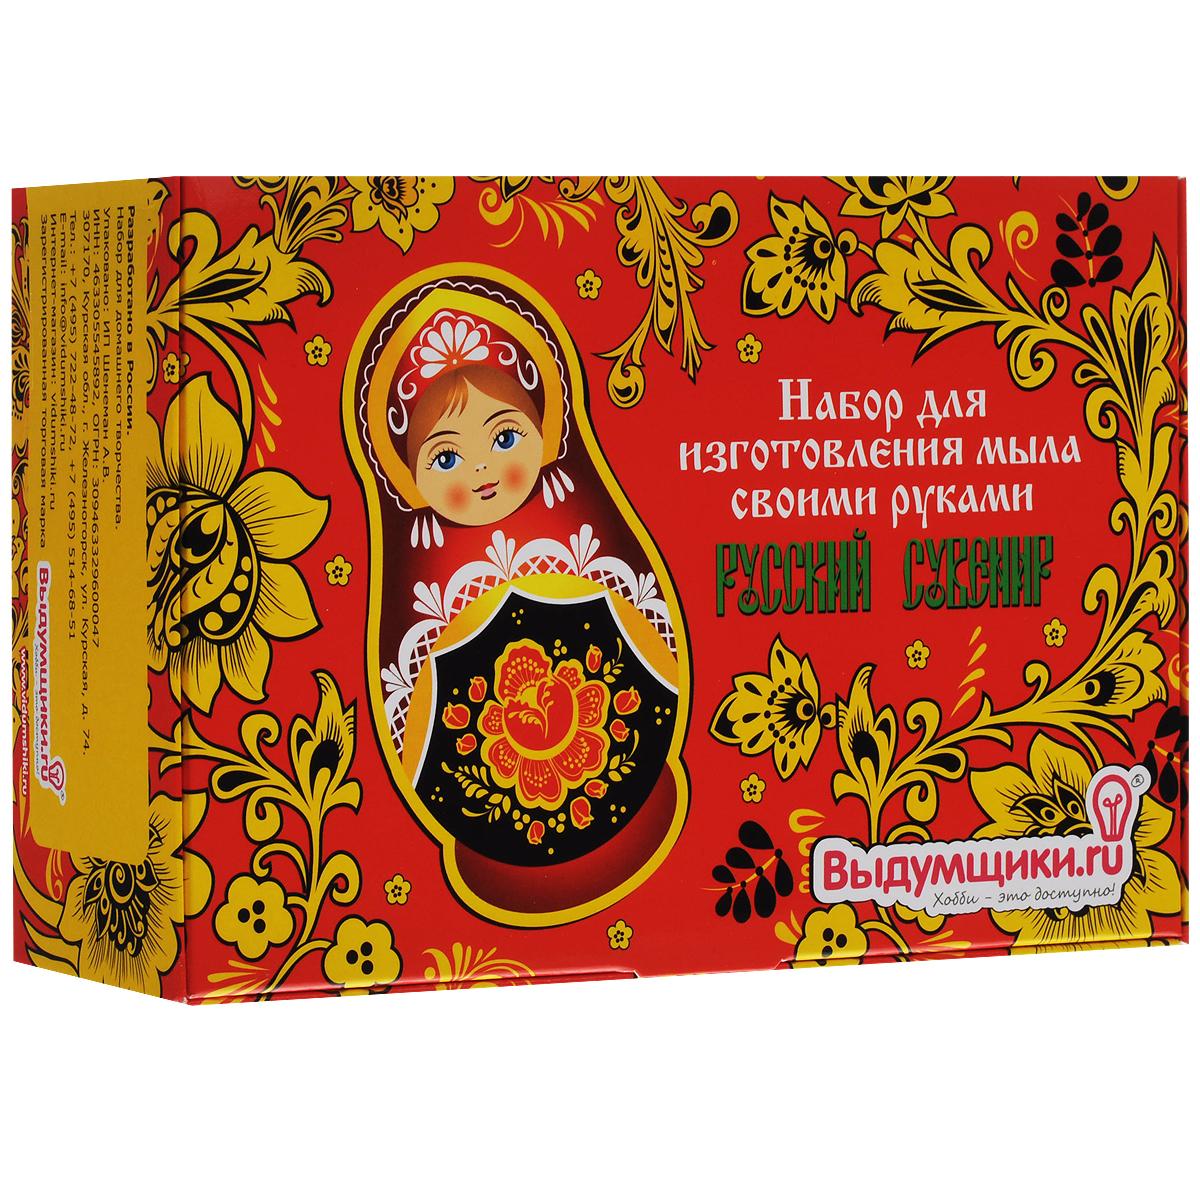 Набор для изготовления мыла Выдумщики Русский сувенир688742_Русский сувенирНабор Русский сувенир поможет вам самостоятельно создать интересное мыло. В набор входит: - основа для мыла; - краситель для мыла (2 шт); - отдушка для мыла (2 шт); - форма для мыла (3 шт); - стакан для расплавления мыльной основы (2 шт); - палочка для перемешивания (2 шт); - подробная инструкция на русском языке. С помощью этого оригинального набора ваш ребенок не будет скучать. Мыловарение это занимательный и веселый процесс. Производитель оставляет за собой право изменять цвет и фактуру материалов, входящих в состав набора.